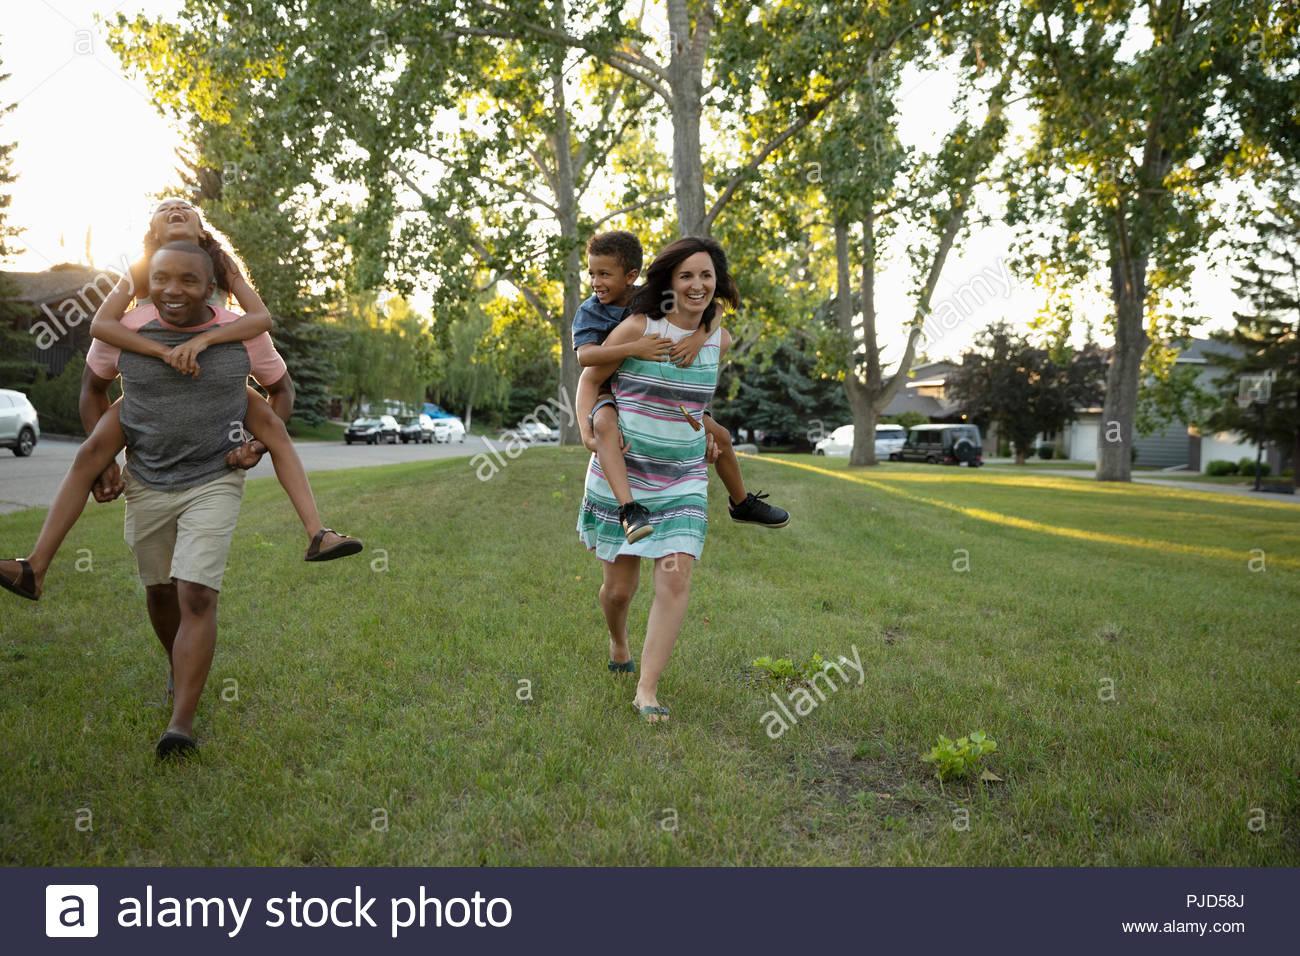 Playful parents piggybacking kids in park - Stock Image